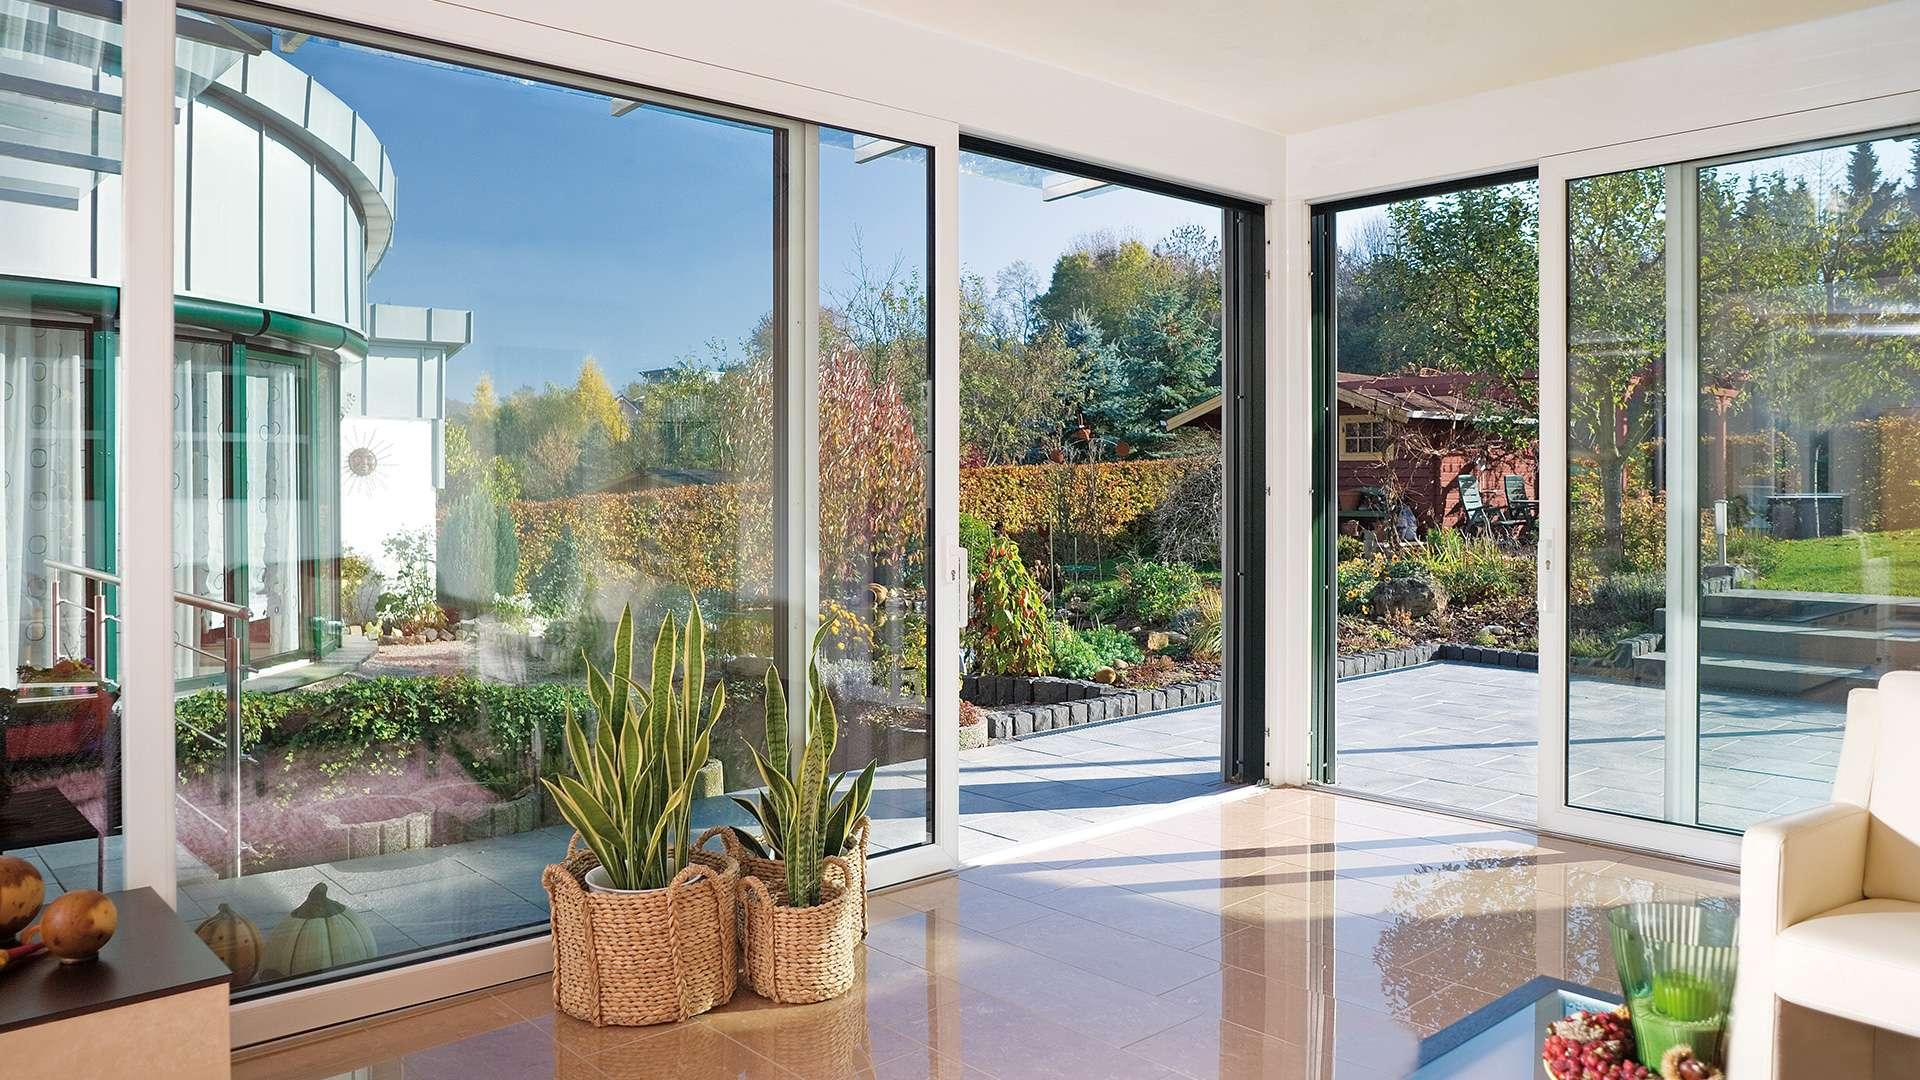 Wohnzimmer mit bodentiefen Schiebefenstern zur Terrasse